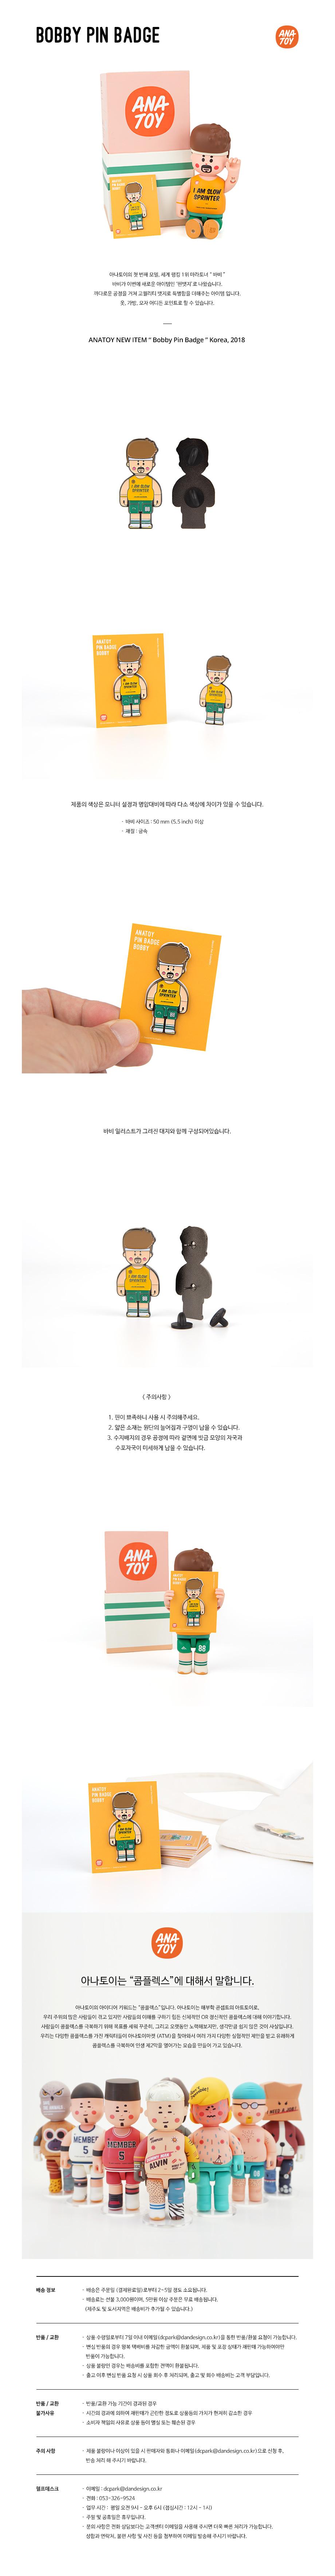 바비 핀뱃지 BOBBY PINBADGE - 아나토이, 13,000원, PVC 토이, 캐릭터